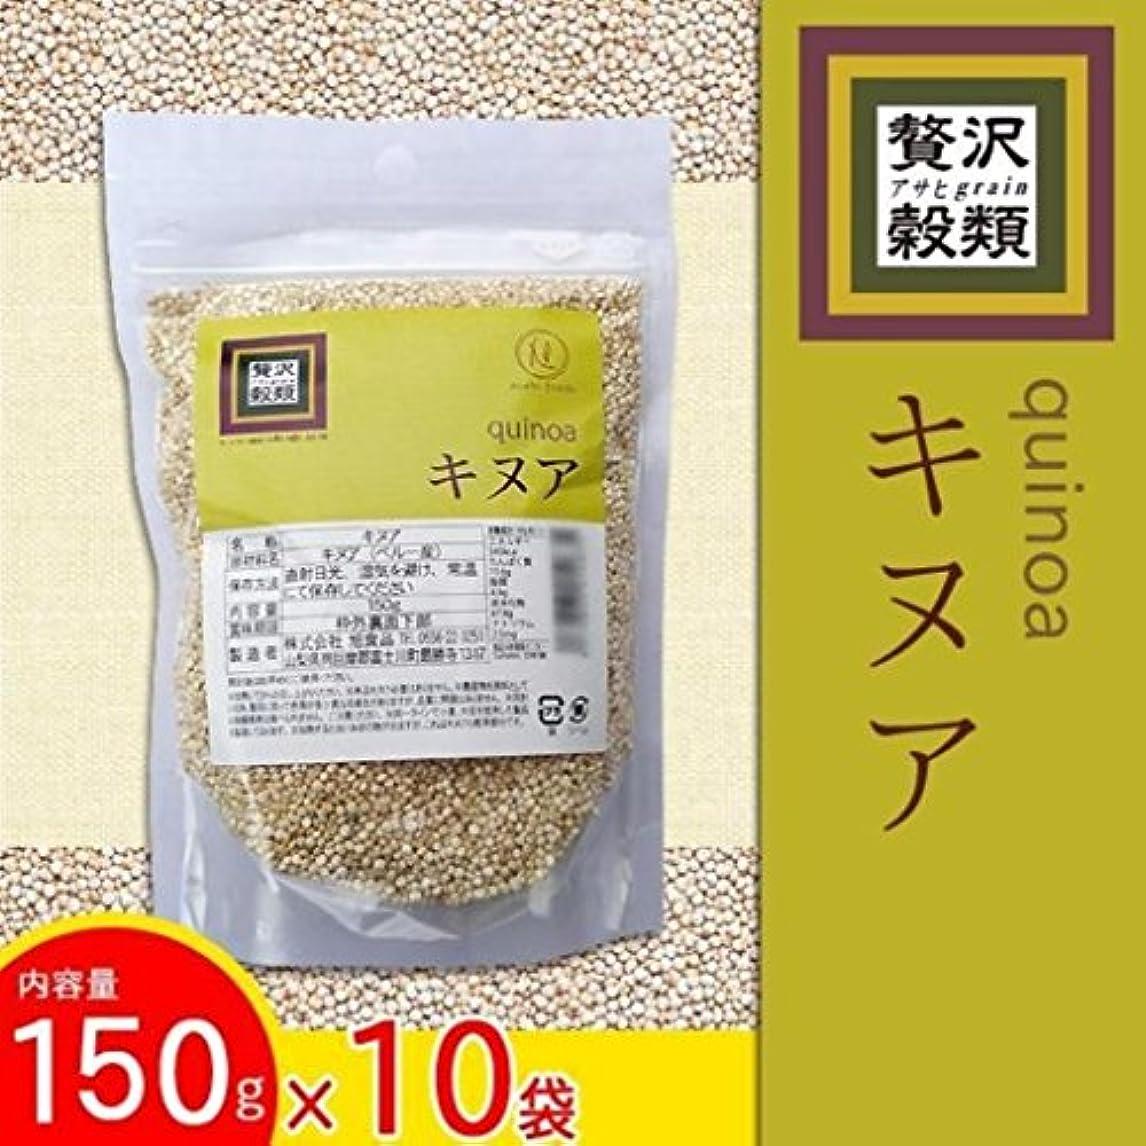 バックグラウンド説明的土贅沢穀類 キヌア 150g×10袋